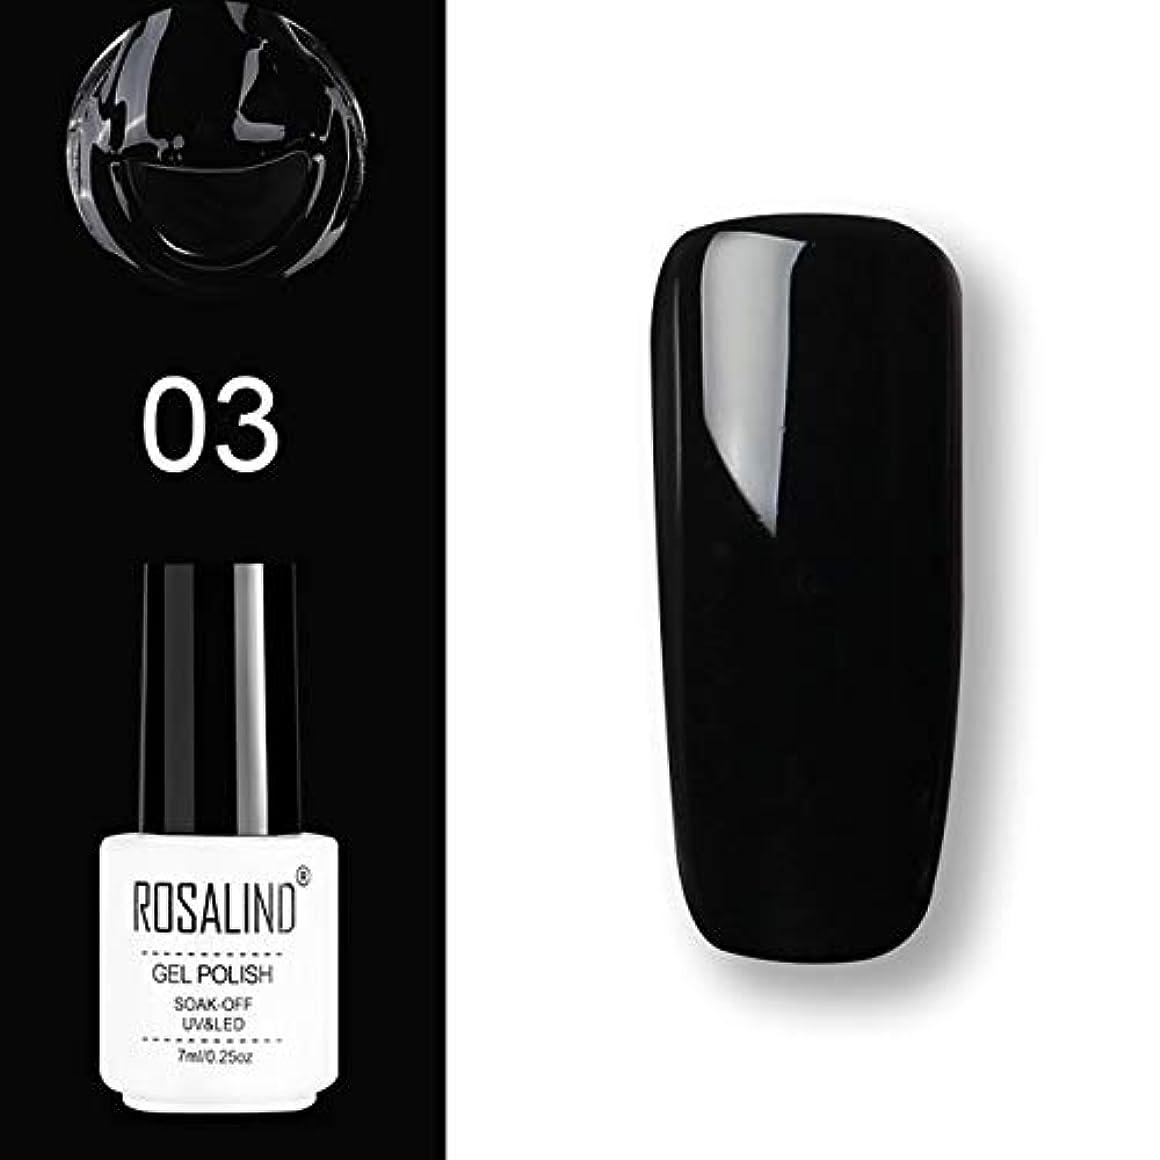 南方のラボオーストラリア人ファッションアイテム ROSALINDジェルポリッシュセットUV半永久プライマートップコートポリジェルニスネイルアートマニキュアジェル、容量:7ml 03ブラック 環境に優しいマニキュア